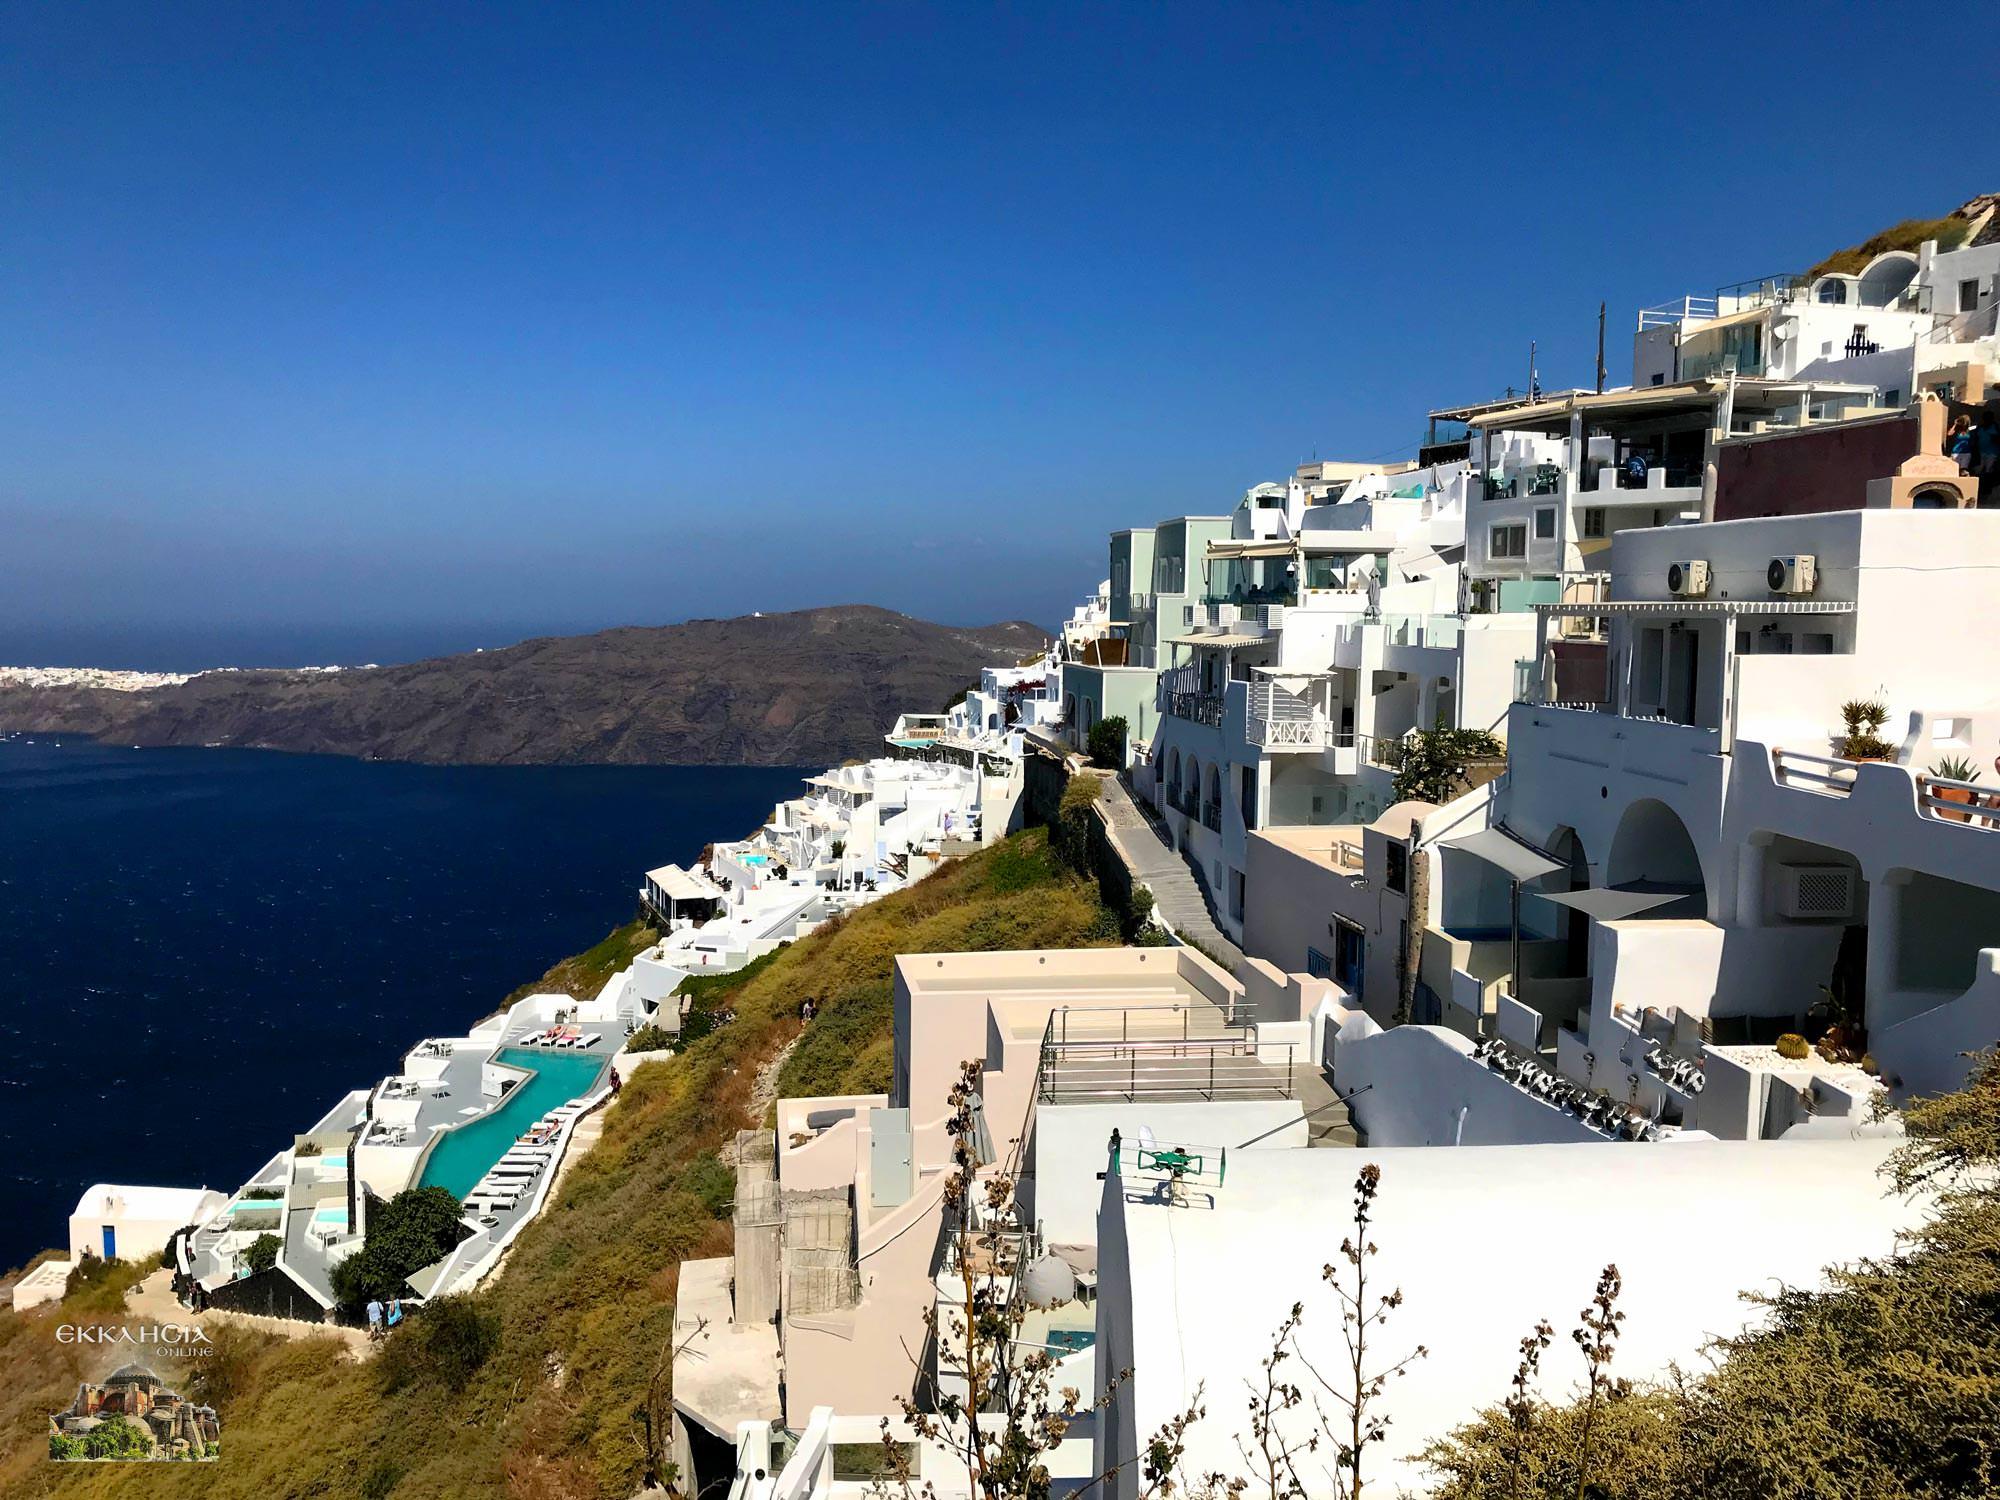 κοινωνικός τουρισμός 2020 tourism4all Σαντορίνη